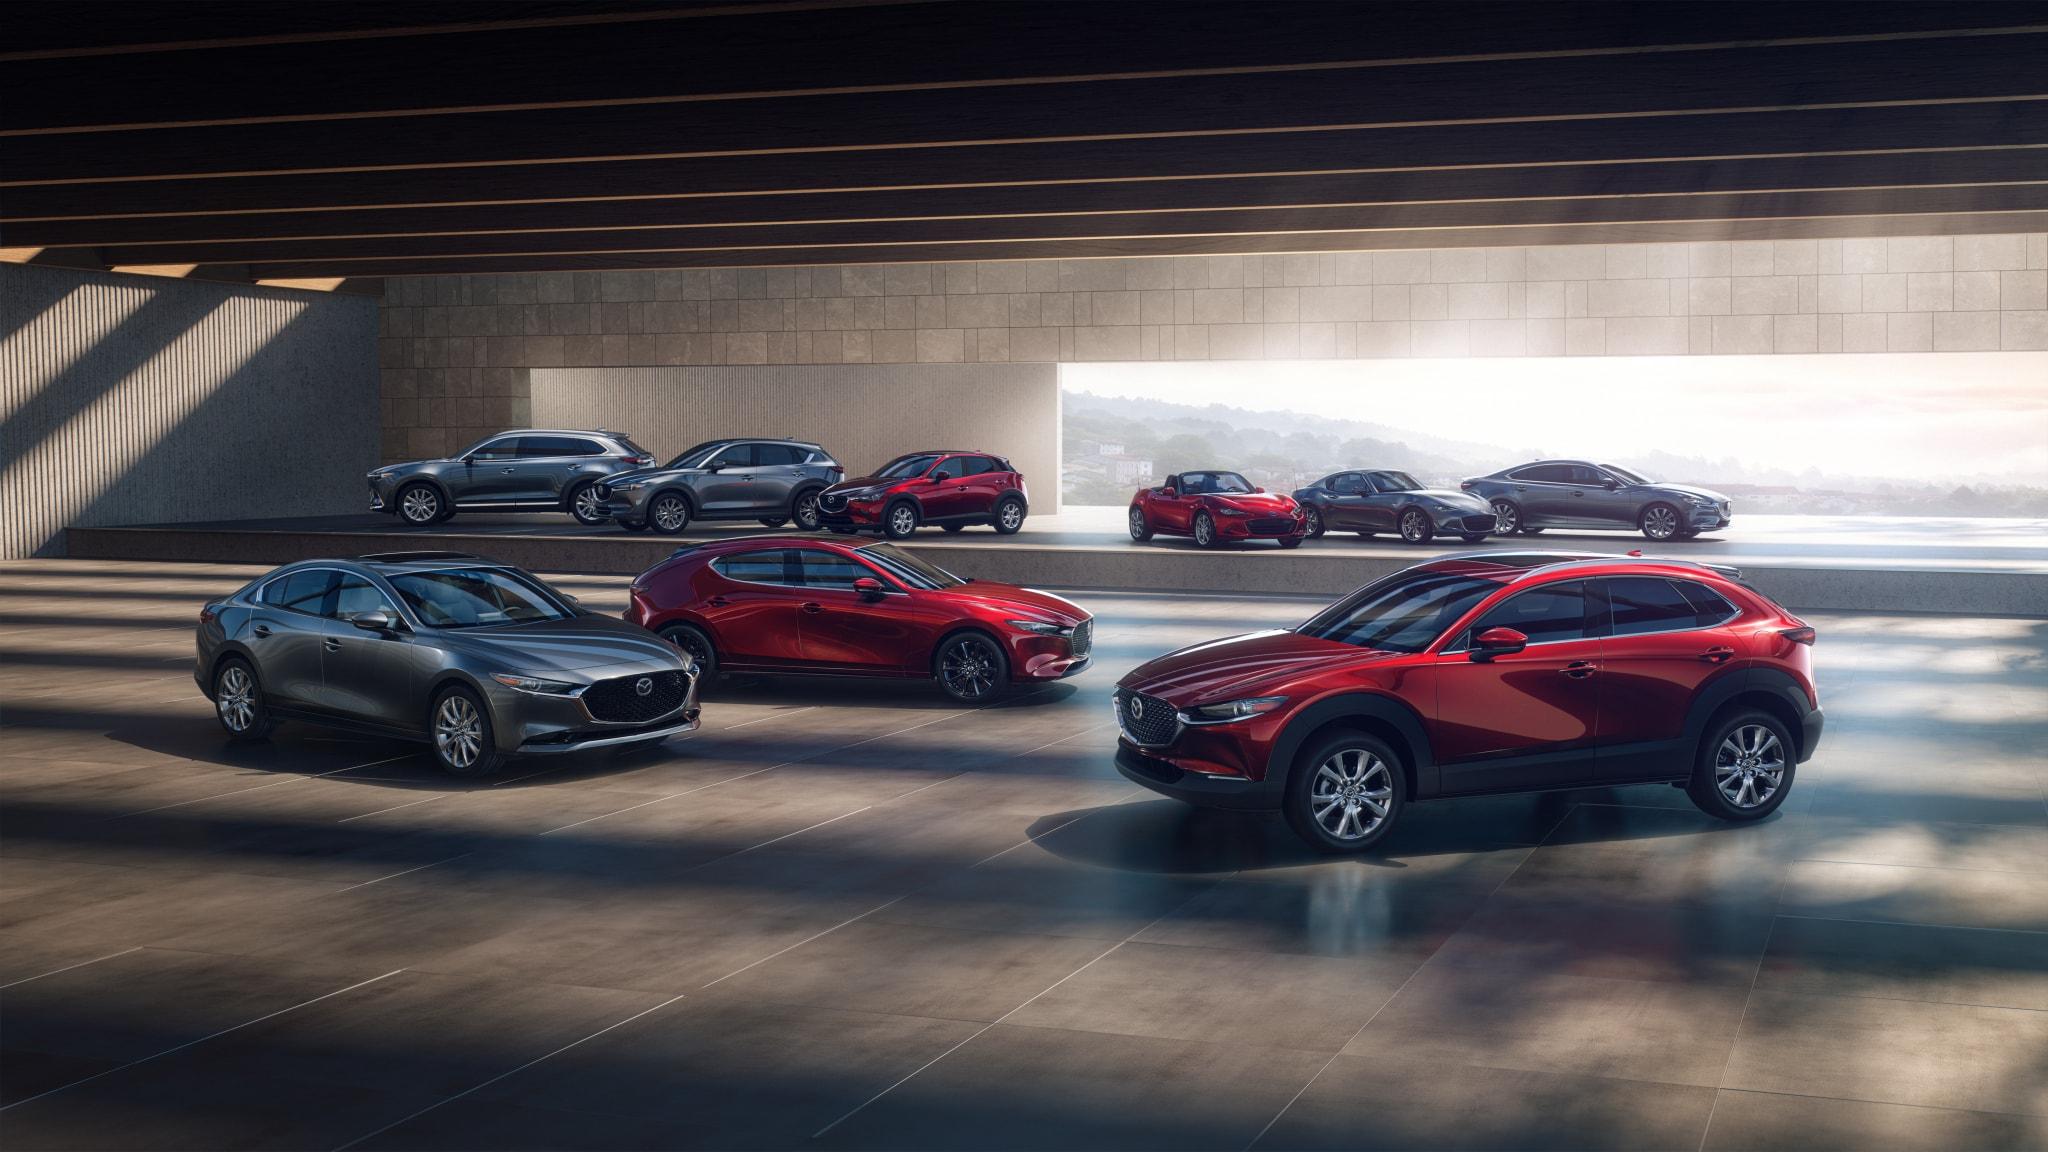 2020 Mazda Awards